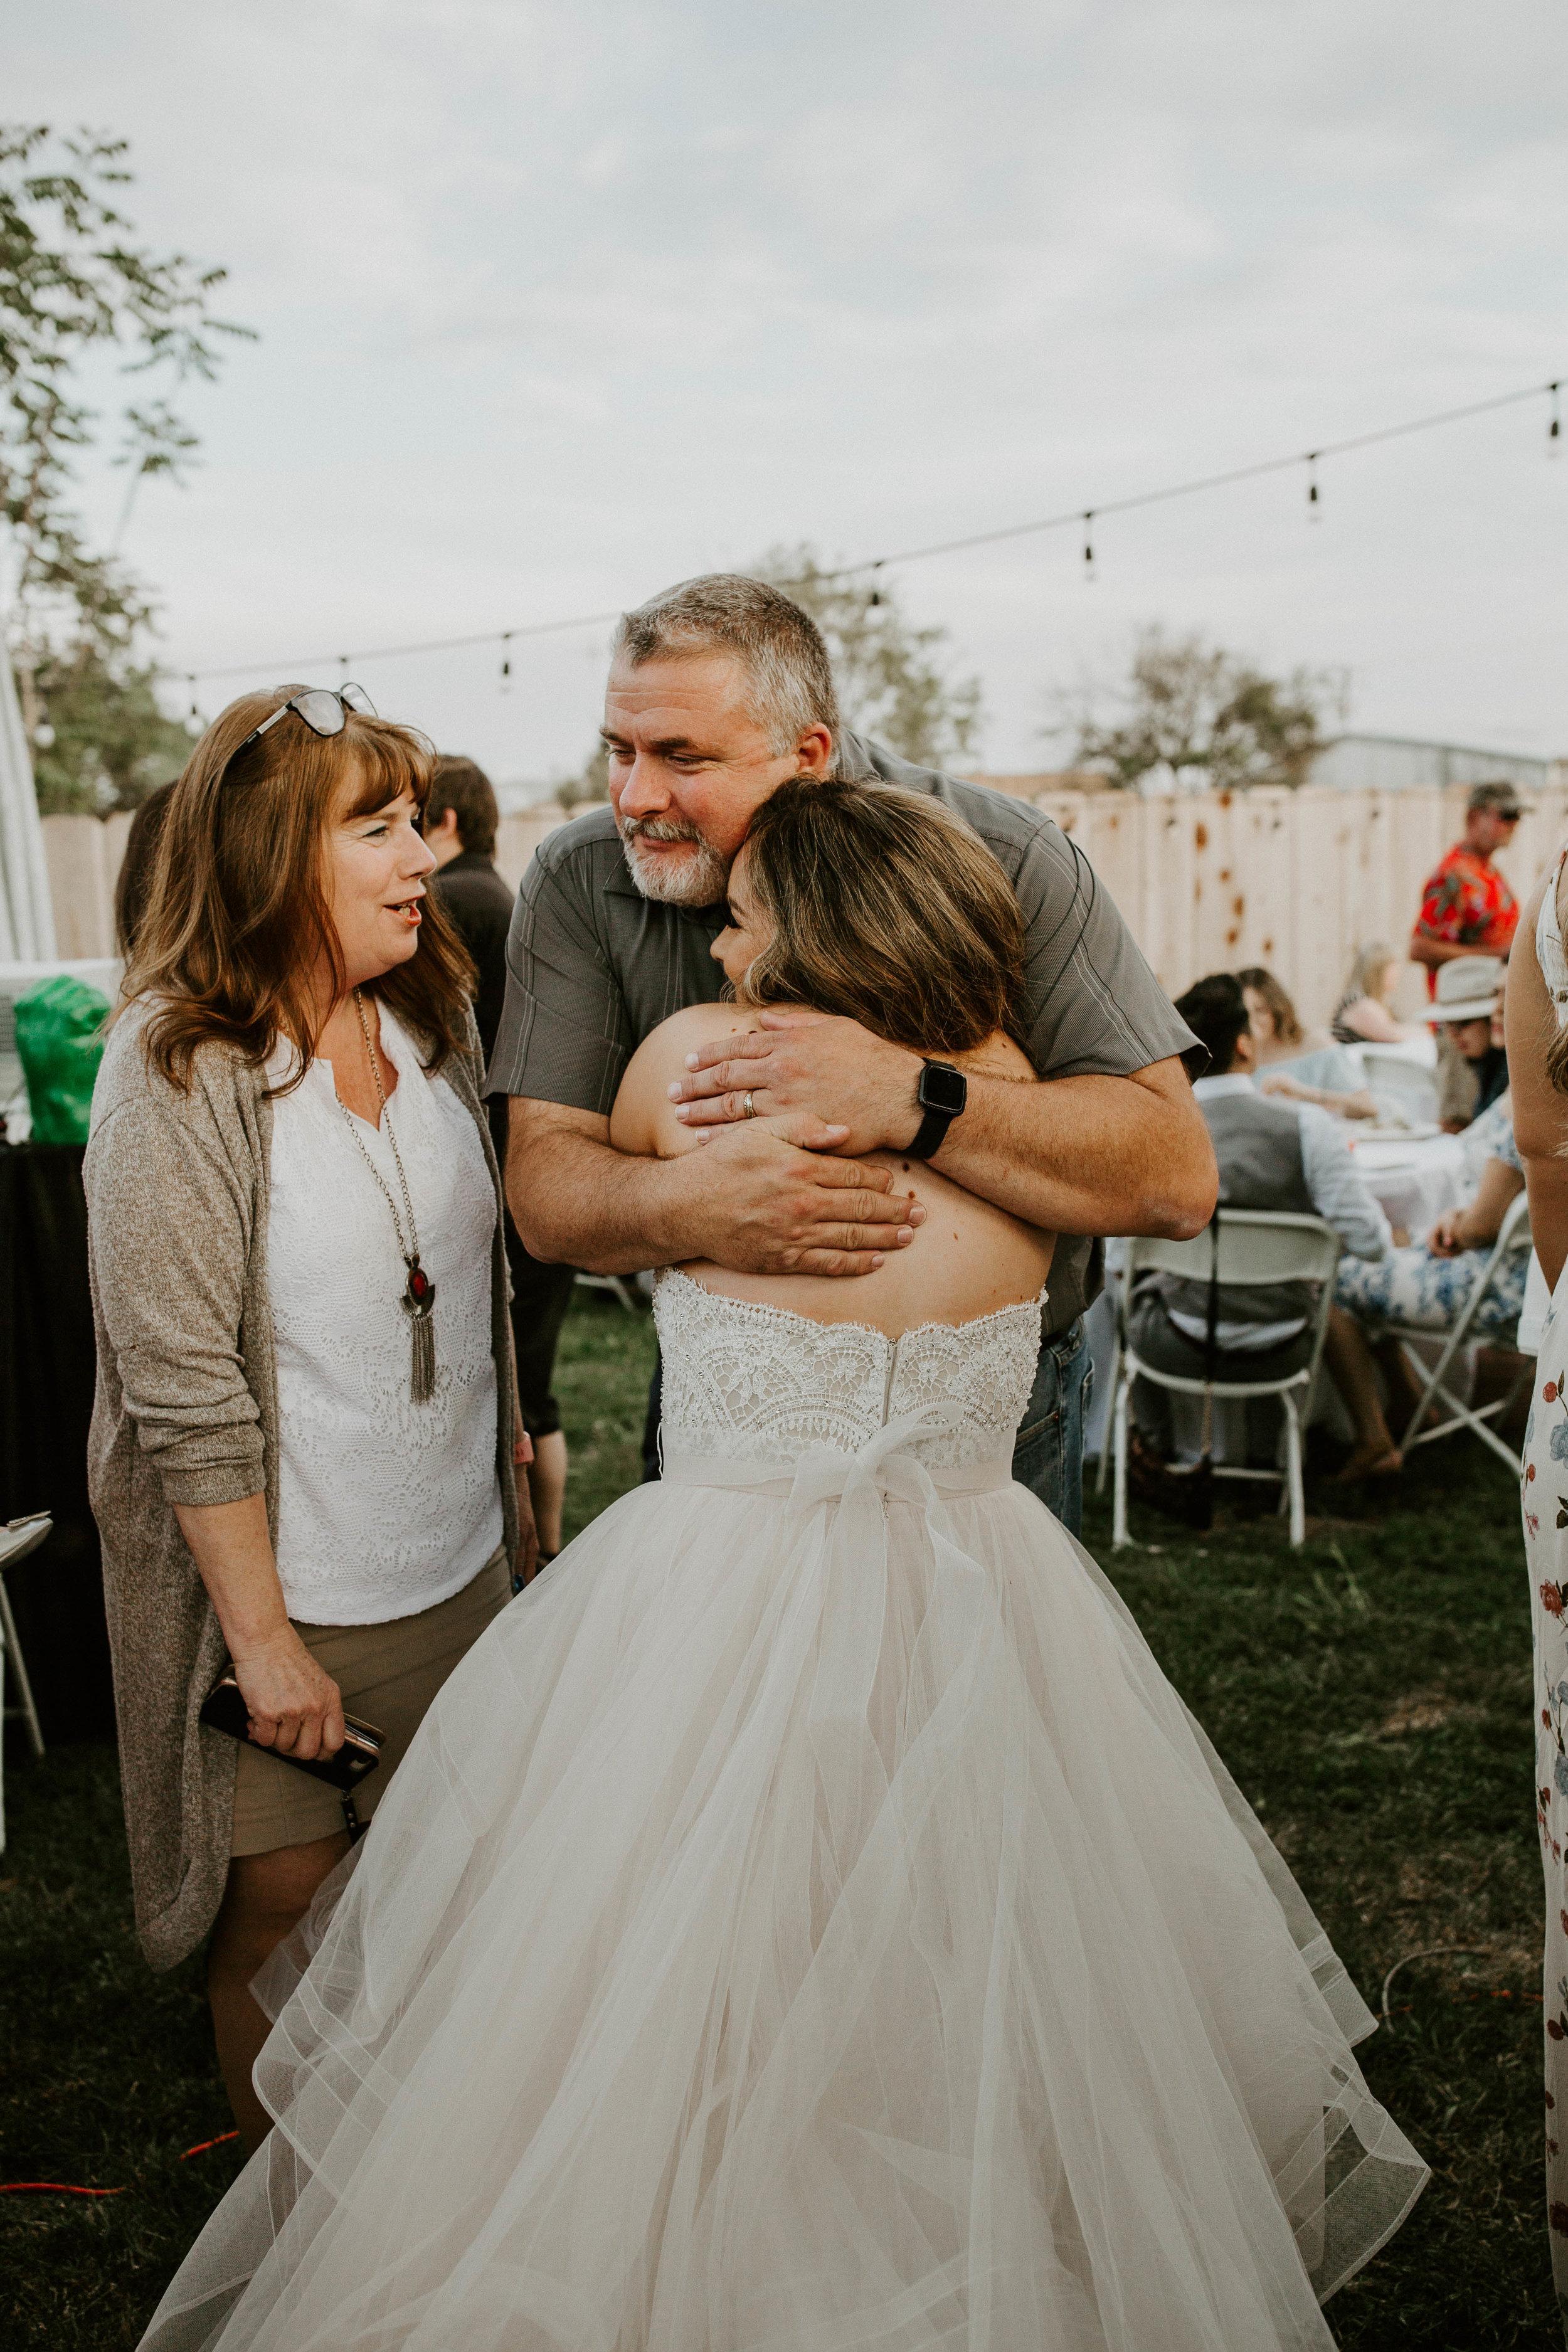 Kelsee&Yudith'sbackyardintimatewedding(472of646).jpg